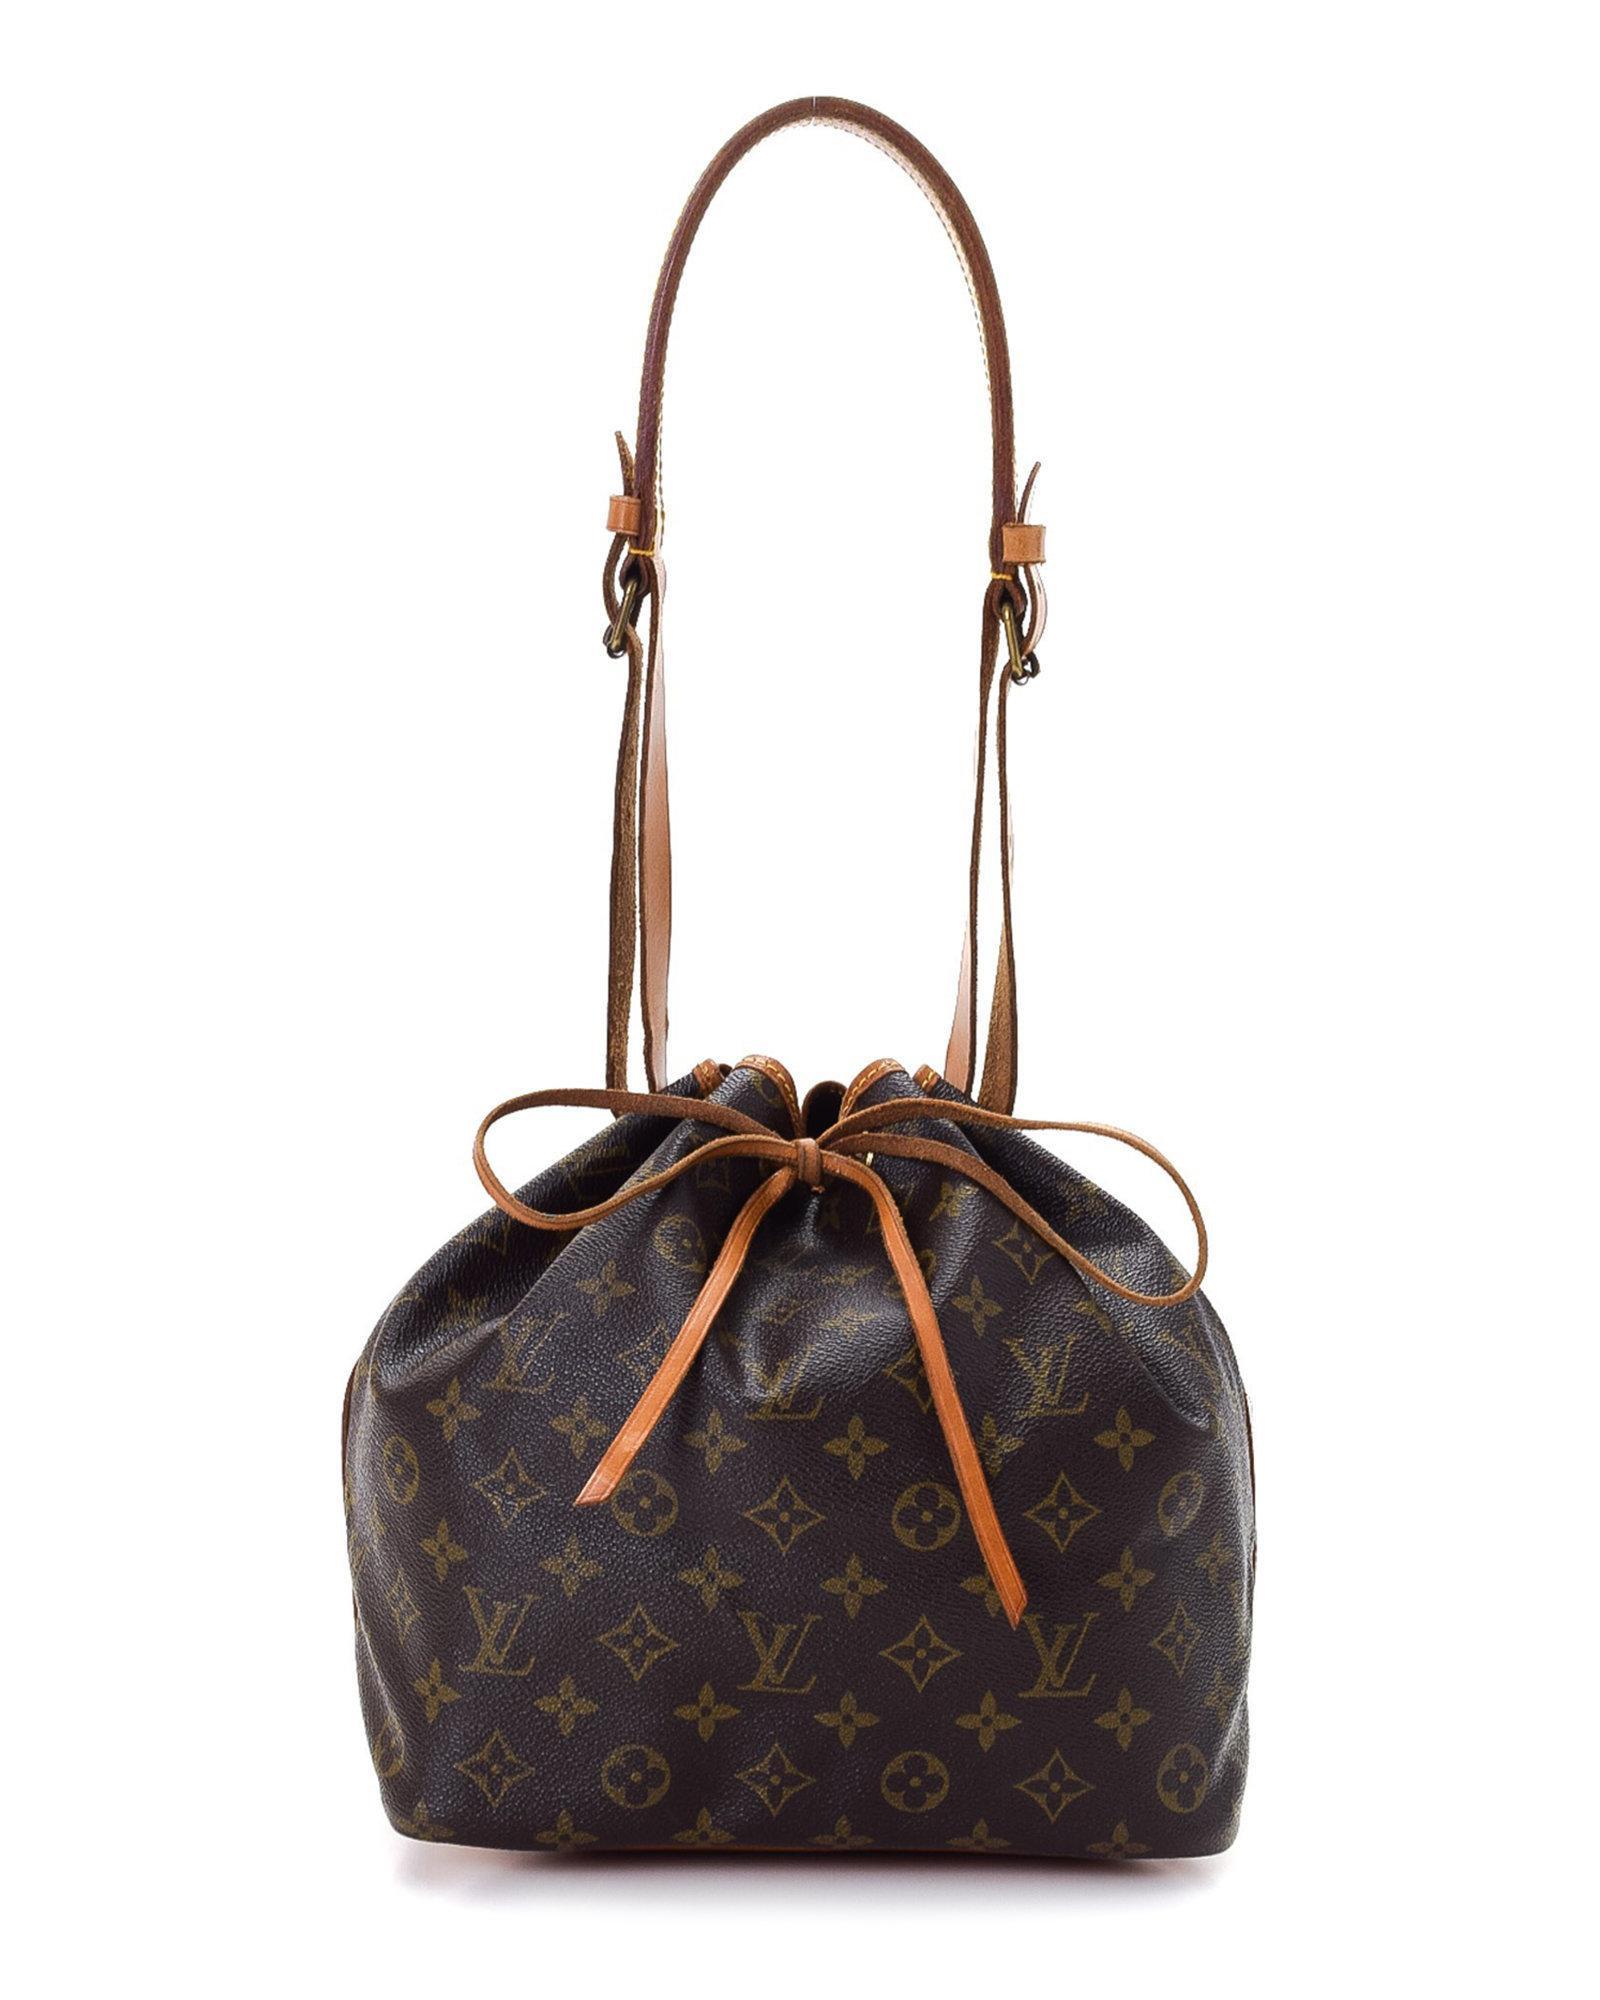 e0ce6a5e177a Lyst - Louis Vuitton Petit Noe Monogram Shoulder Bag - Vintage in Brown